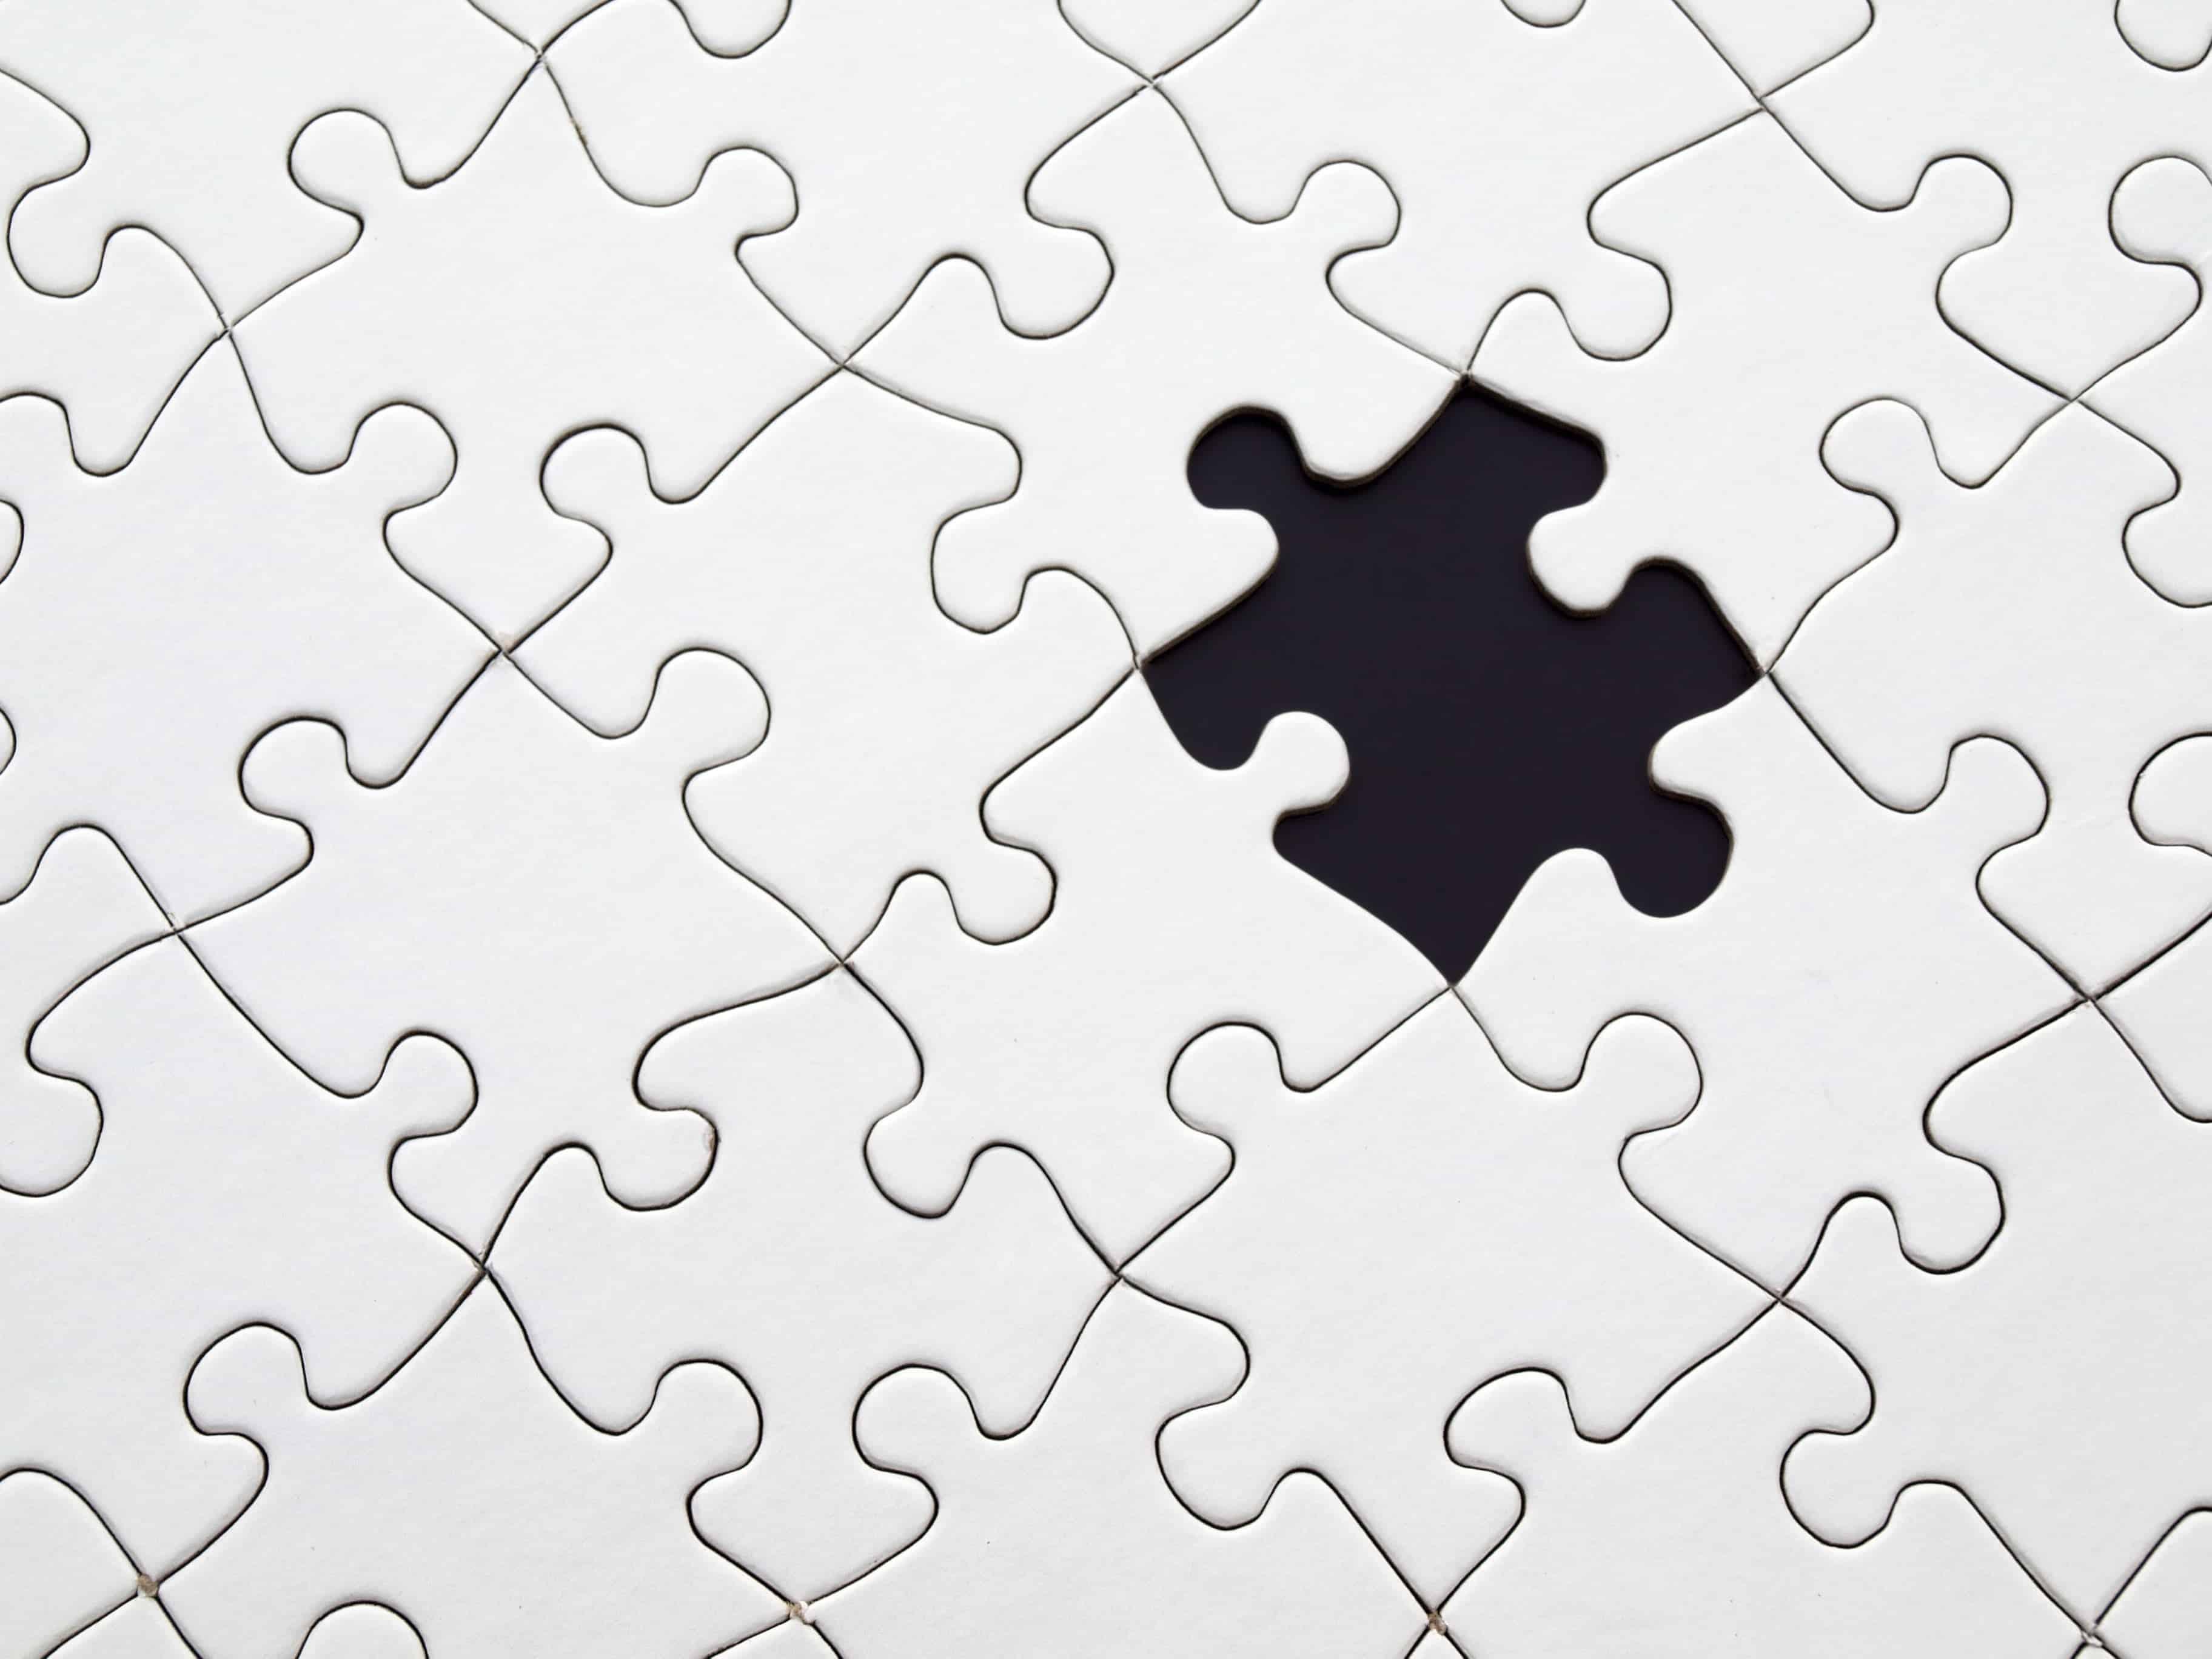 Detail d'un puzzle en noir et blanc avec une pièce manquante